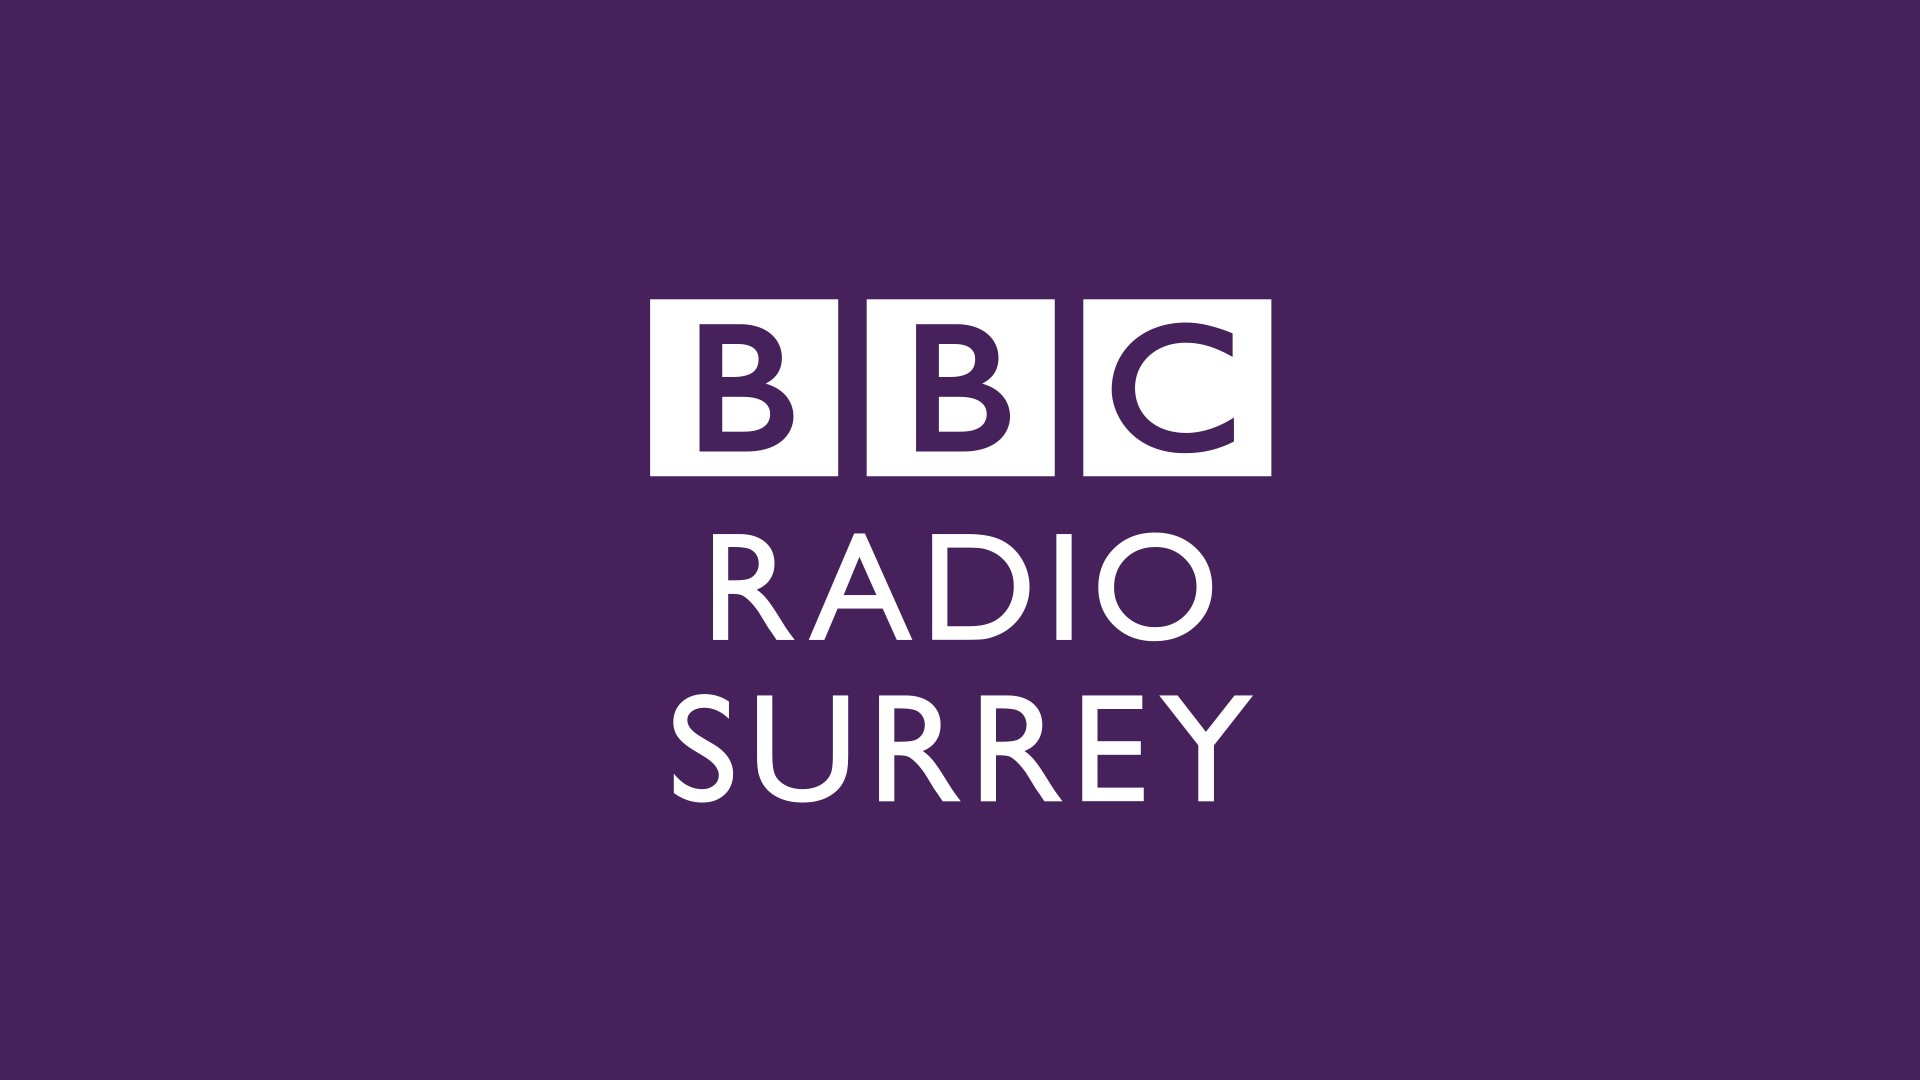 BBC Radio Sussex & Surrey